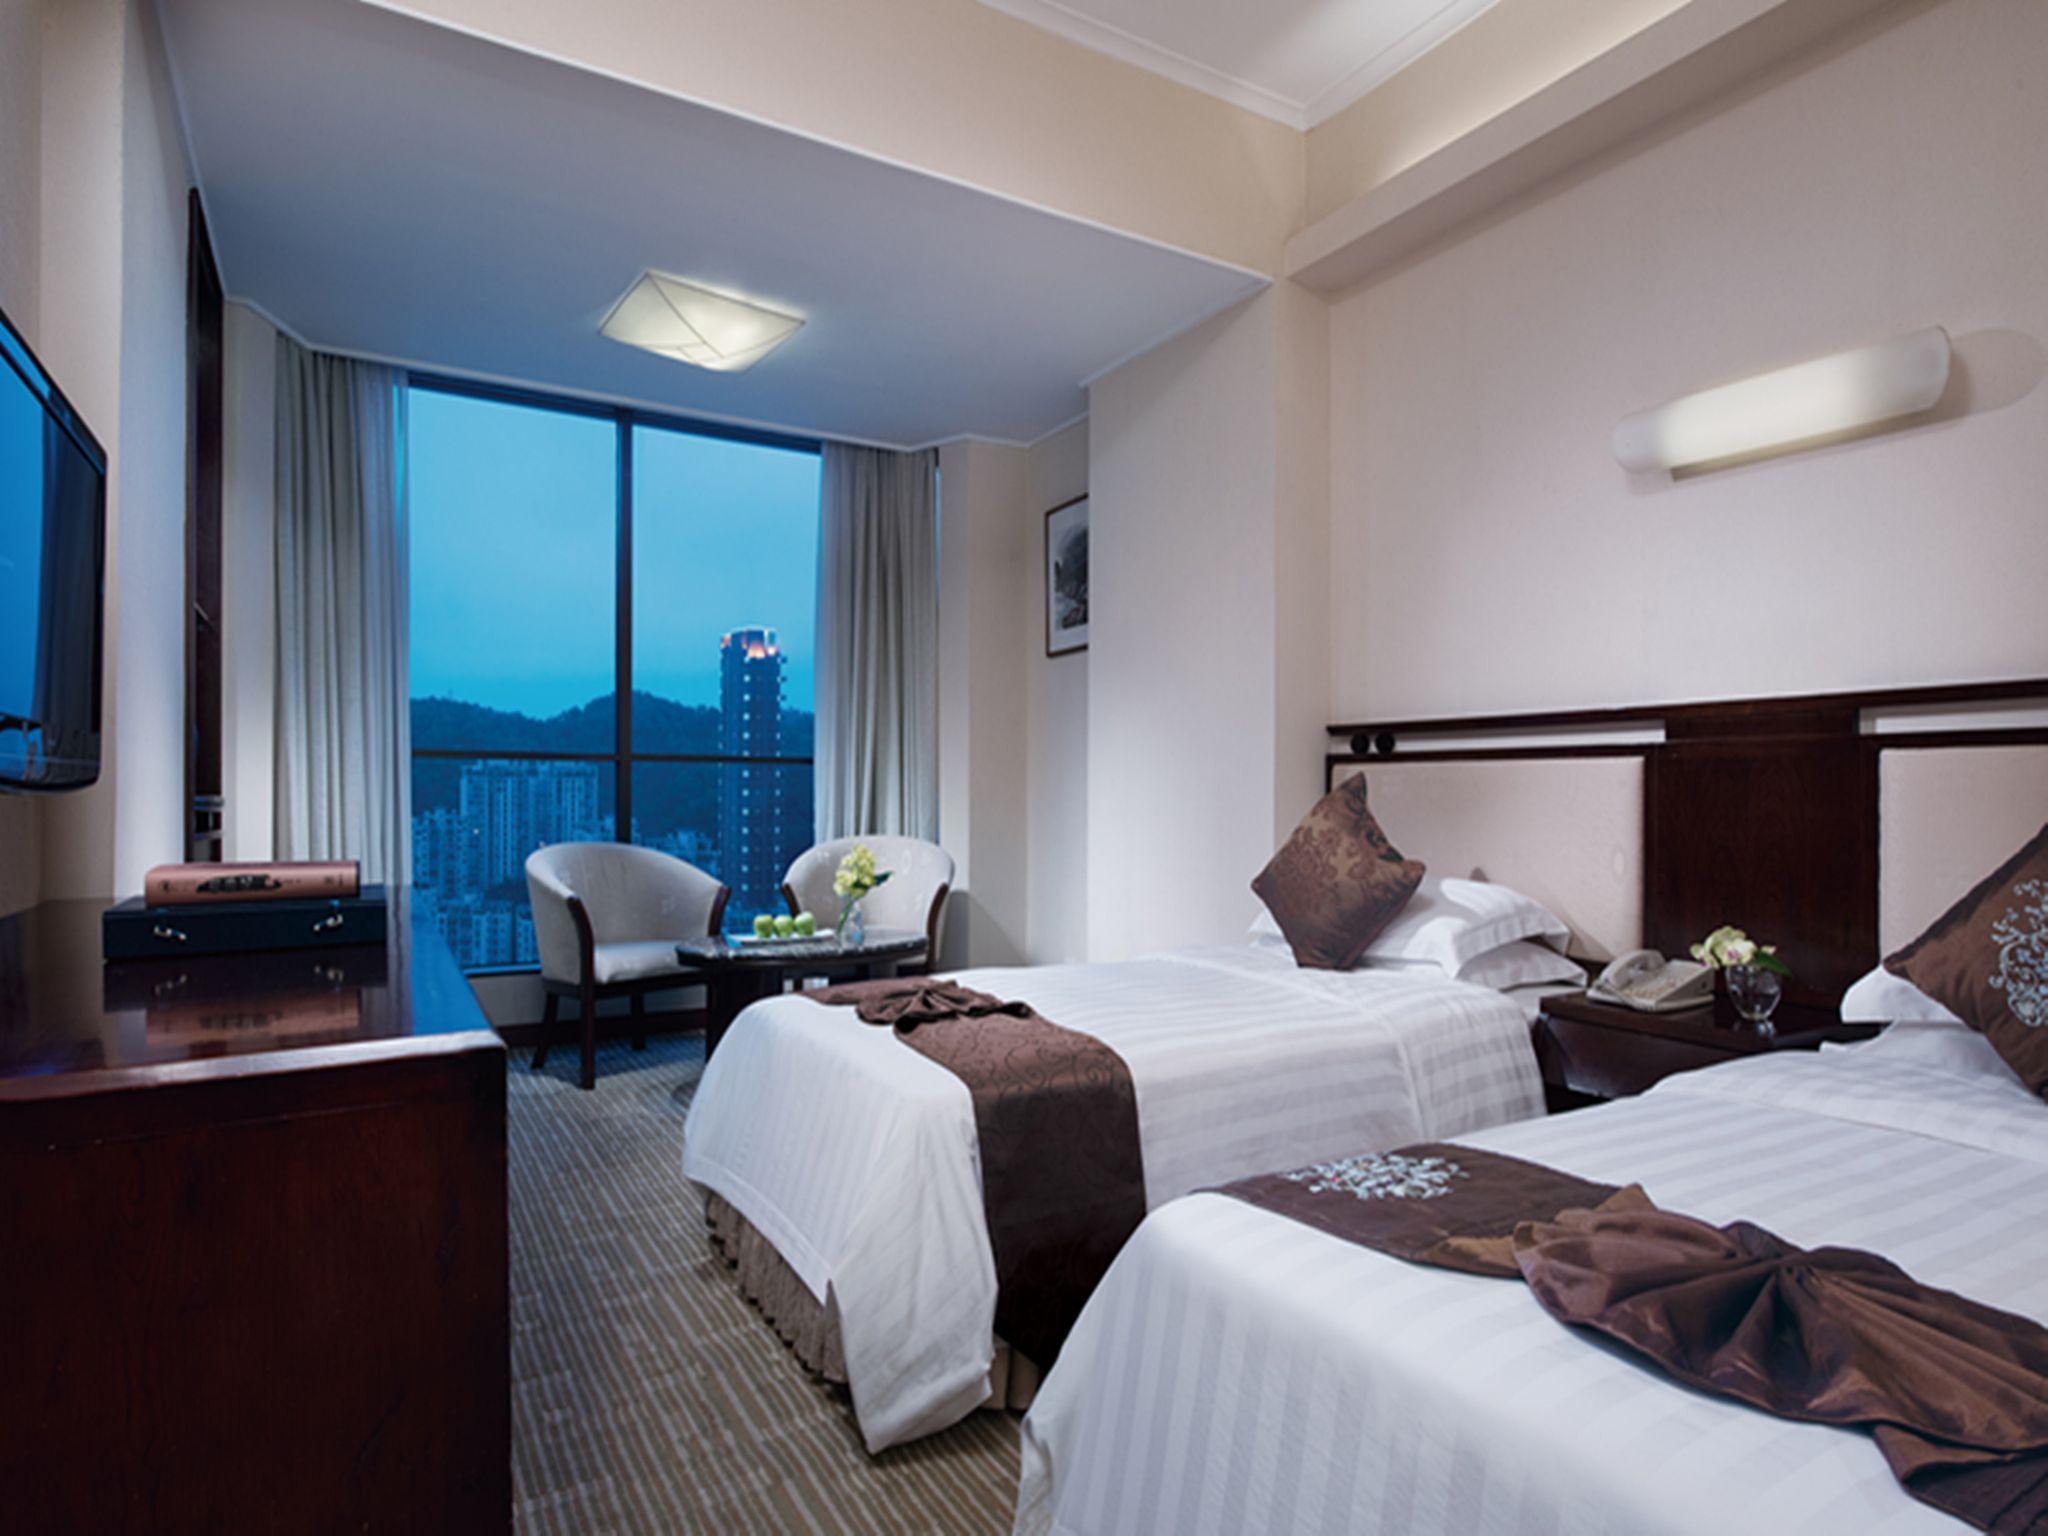 Guangdong Hotel Zhuhai, Zhuhai